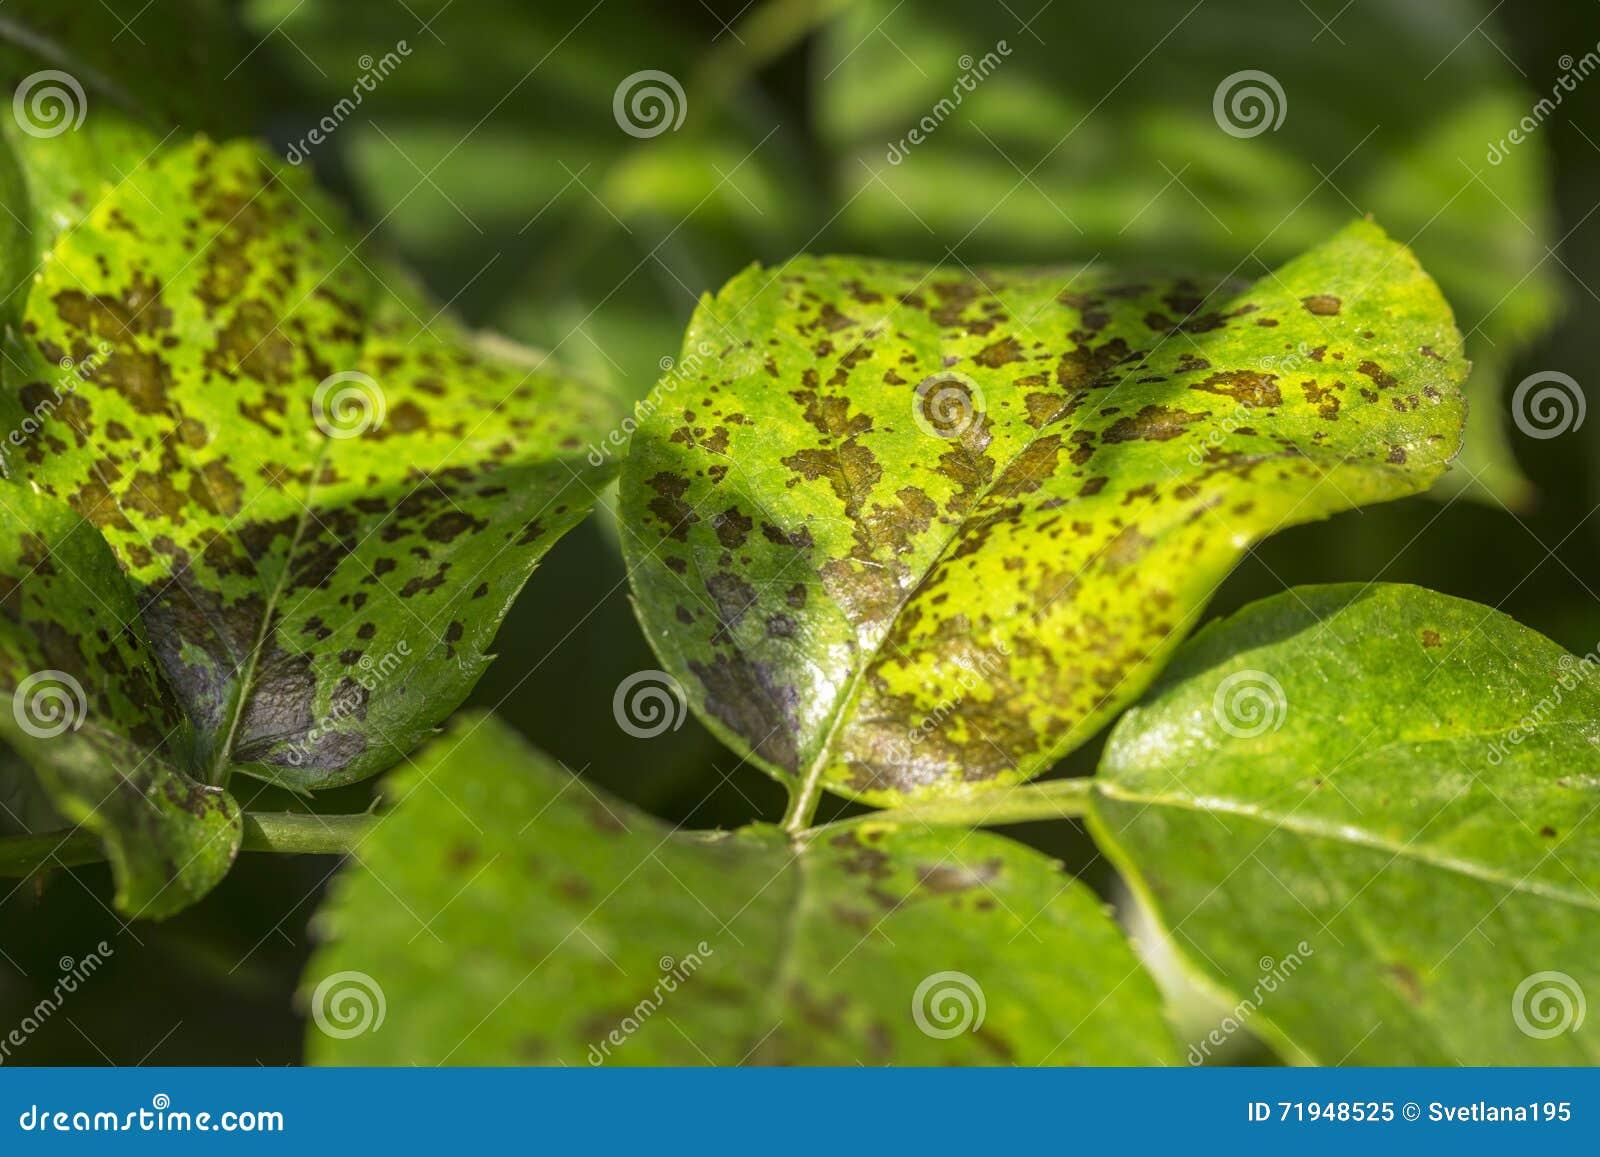 Бичи, болезни растения Лист пятнают конец-вверх Большинство лист s